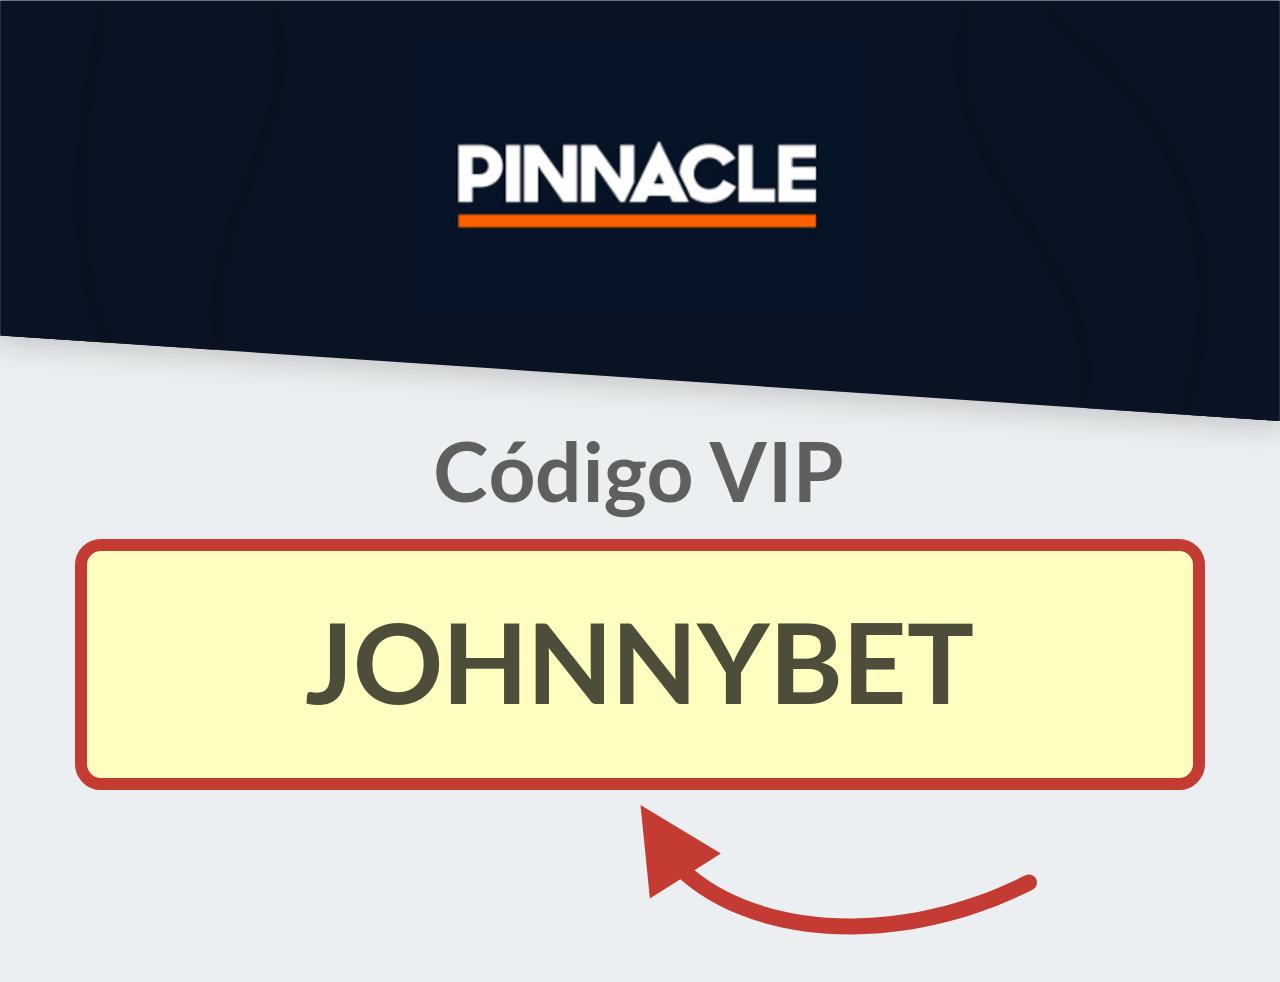 Código VIP Pinnacle